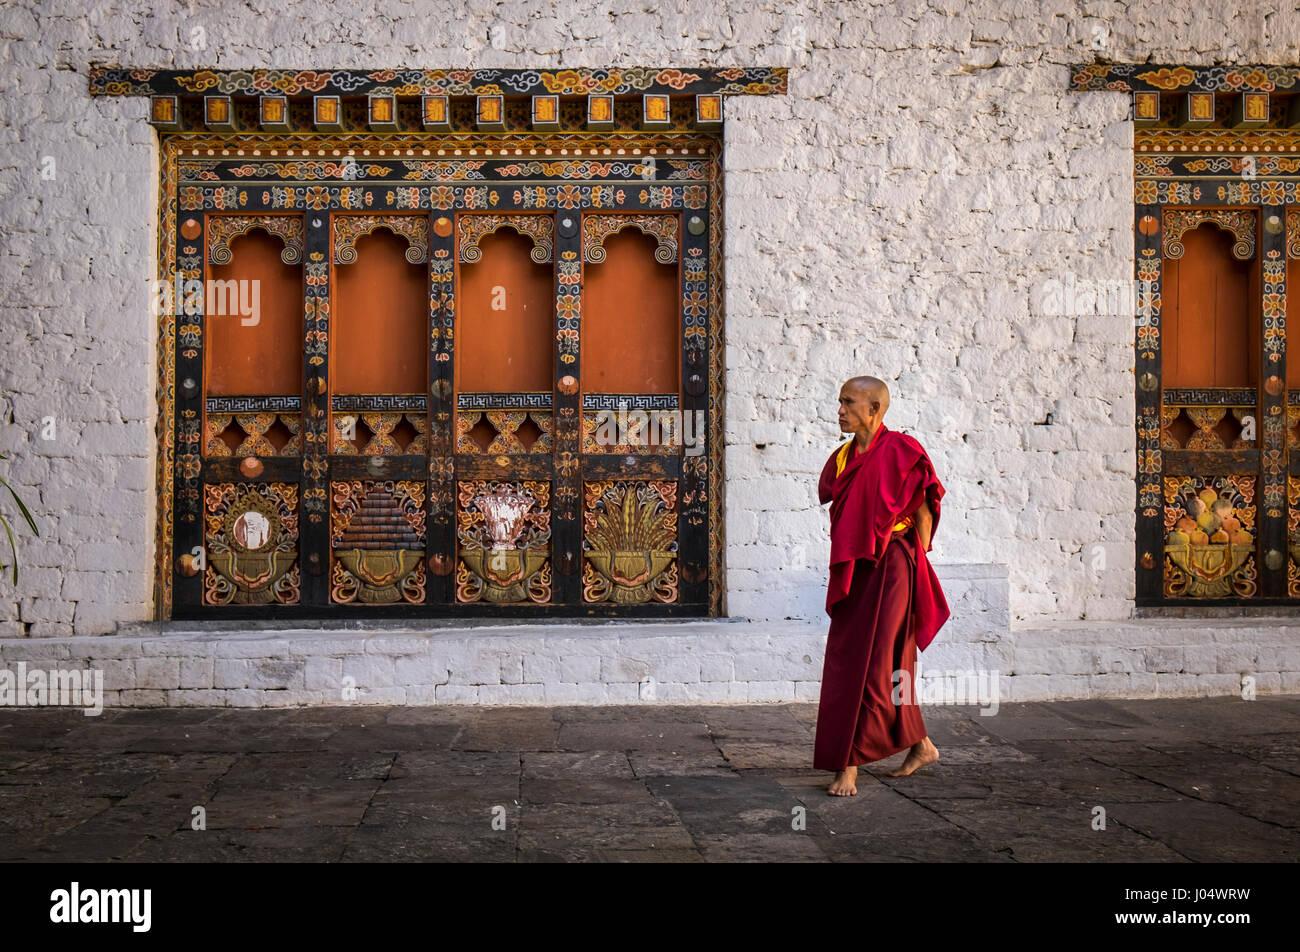 PUNAKHA, BHUTAN - CIRCA October 2014: Monk walking in the Punakha Dzong, a landmark in Punakha, Bhutan - Stock Image